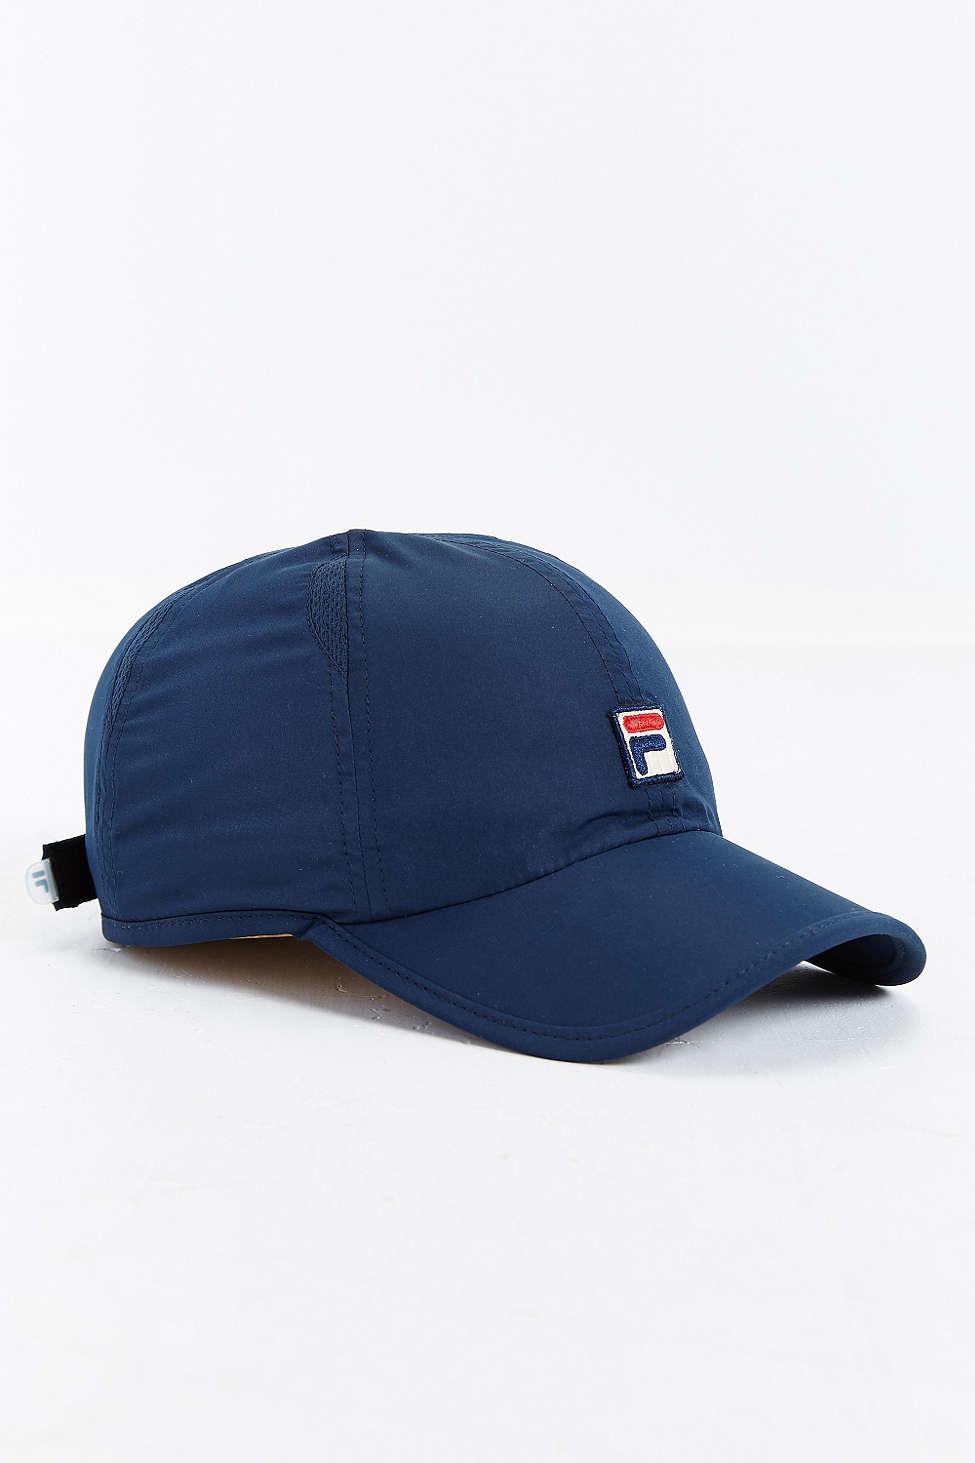 Lyst - Fila Runner Baseball Hat in Blue for Men e1250ae017d